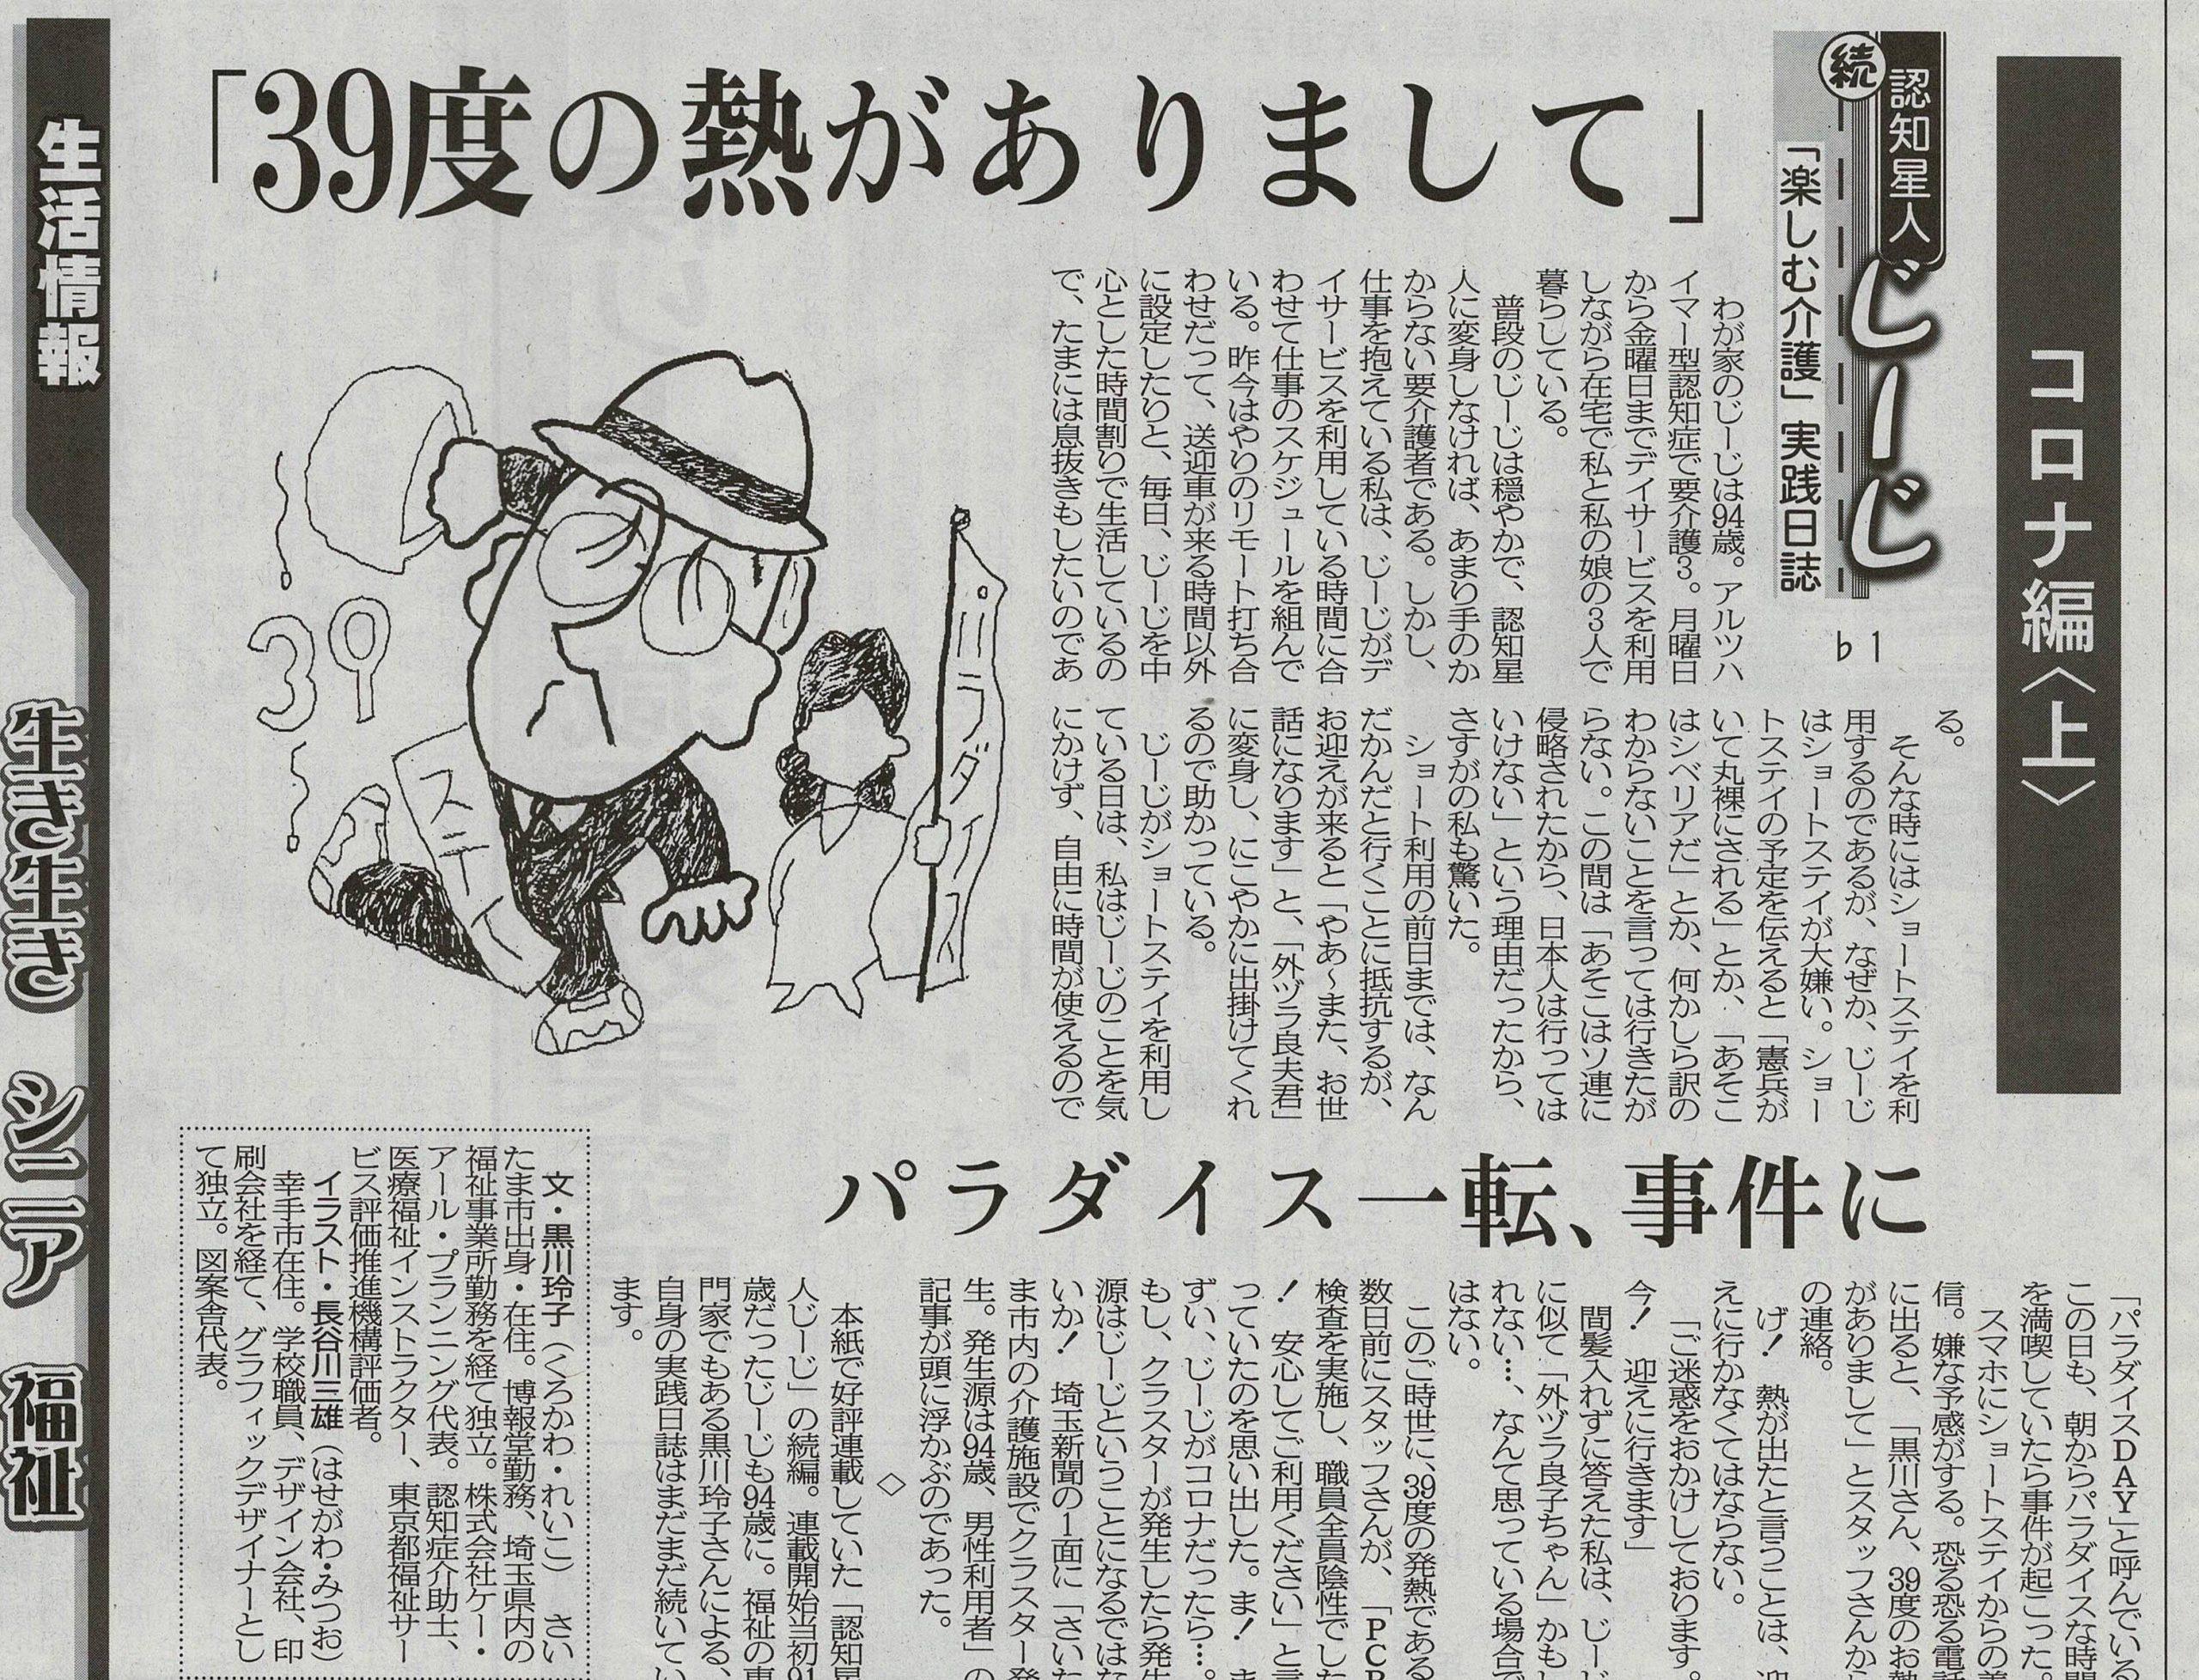 埼玉新聞に「続・認知星人じーじ 楽しむ介護 実践日誌」が  4月の26日から毎週月曜日 スタート